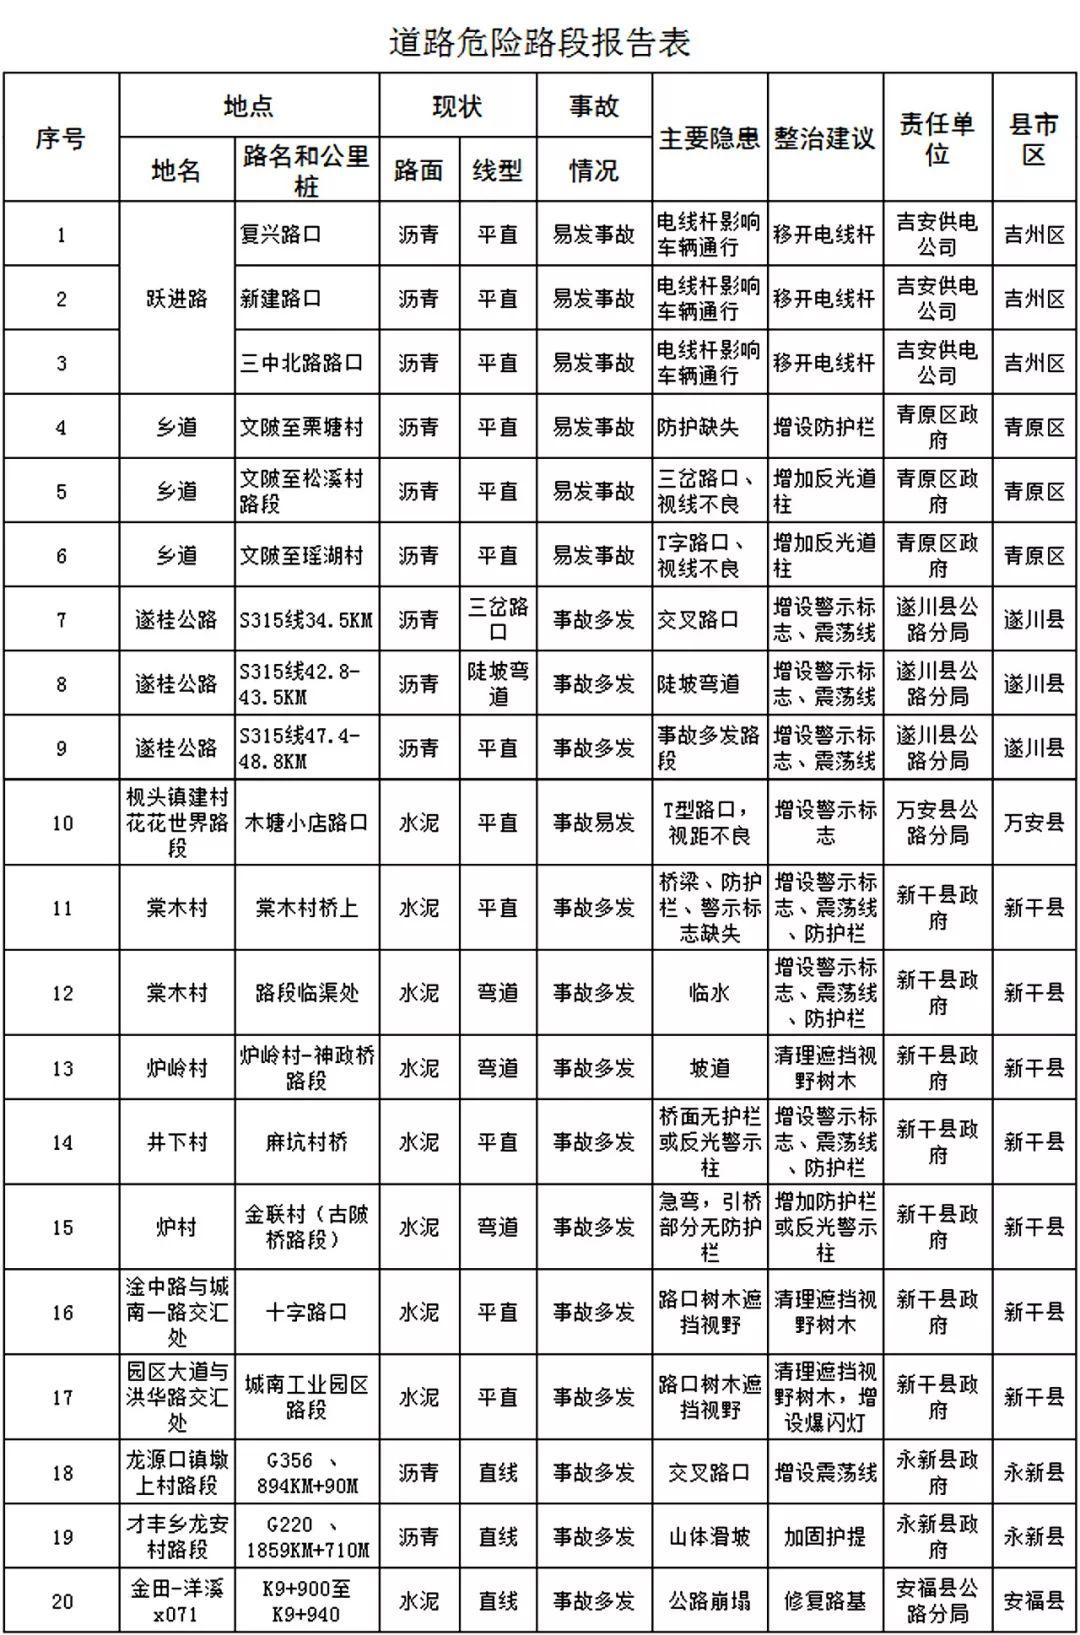 吉安20个存在危险隐患道路公布!包含吉州、青原、遂川、新干......注意谨慎驾驶!